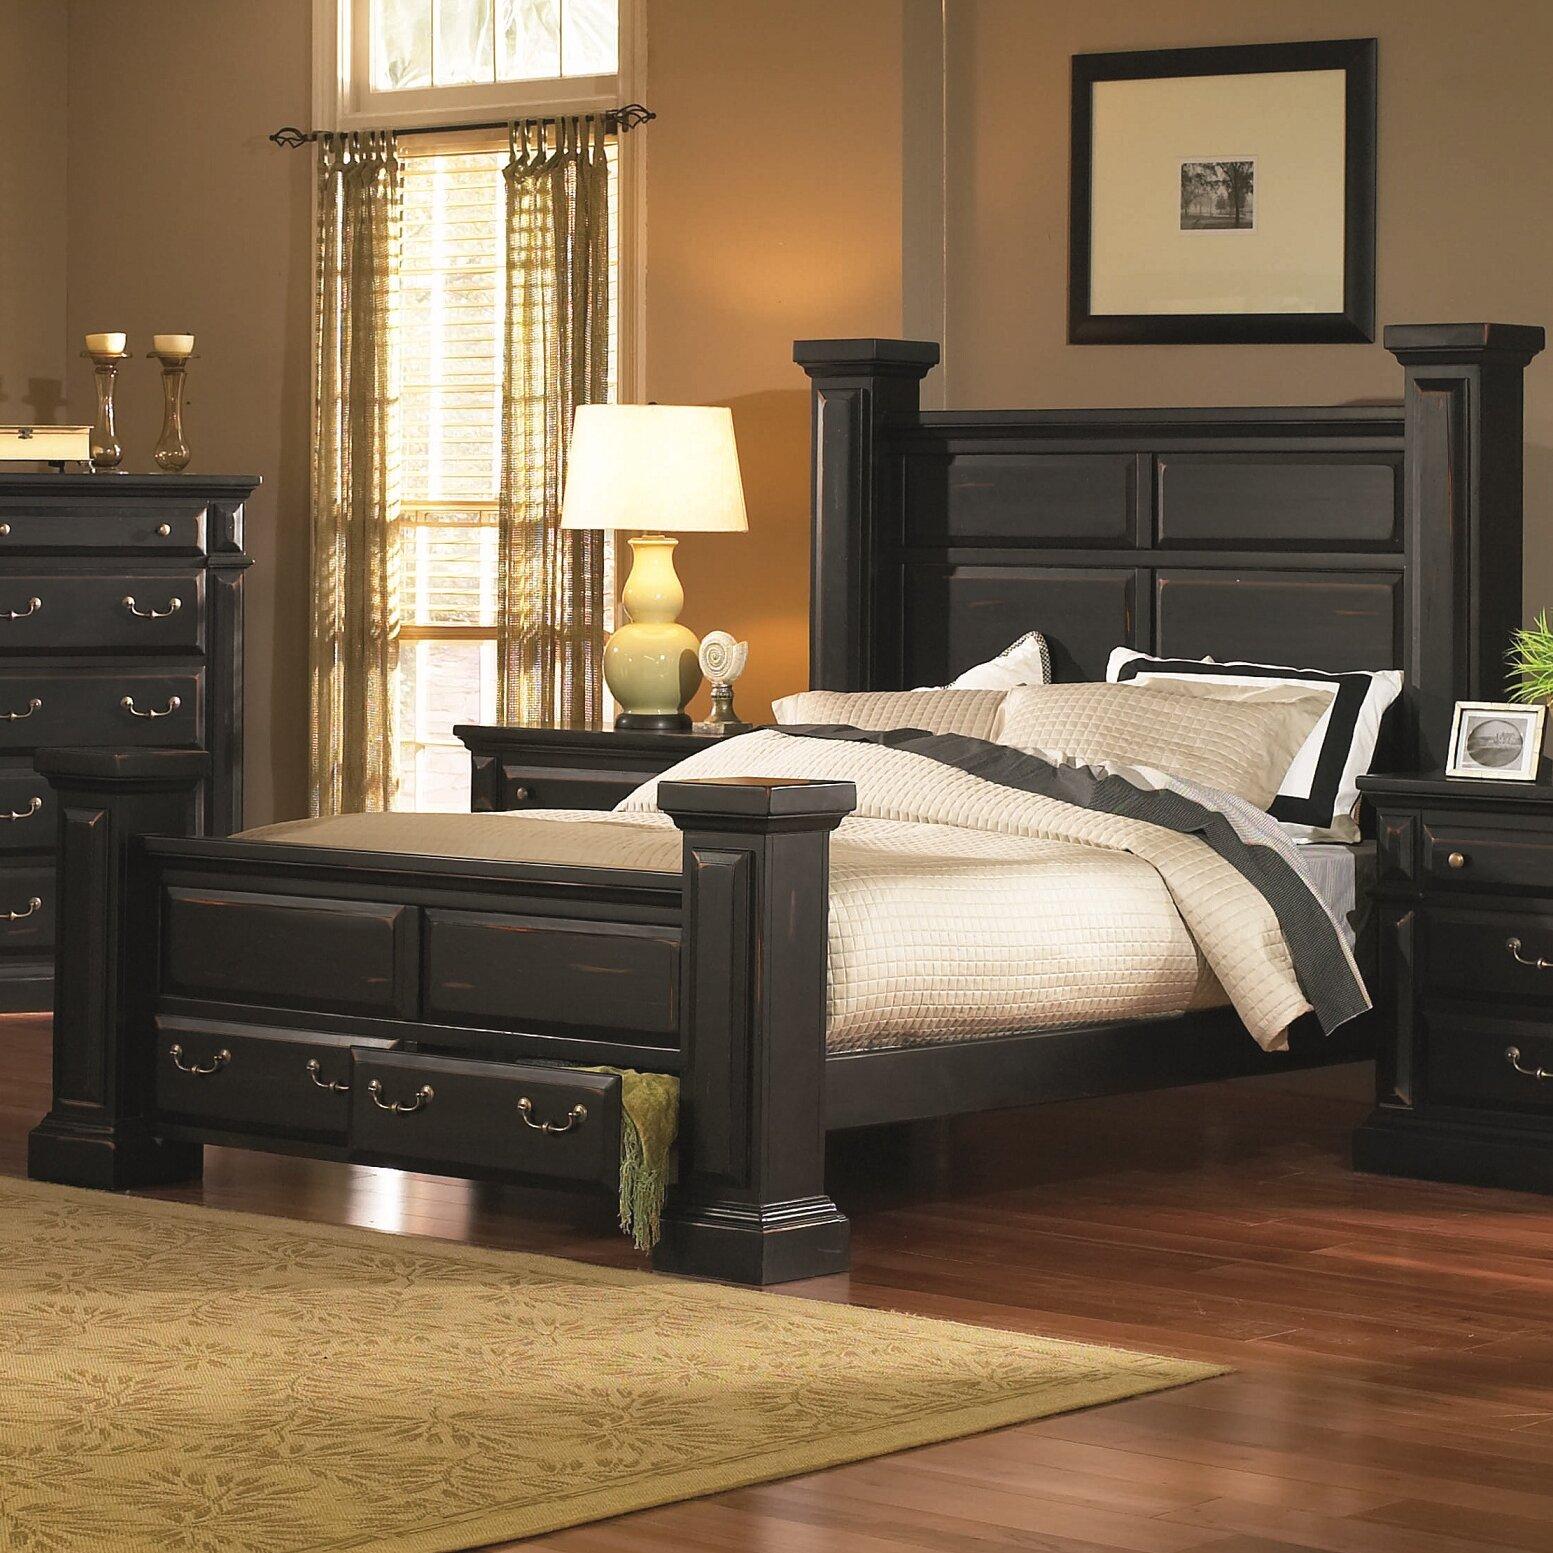 Progressive Bedroom Furniture Progressive Furniture Torreon Panel Customizable Bedroom Set